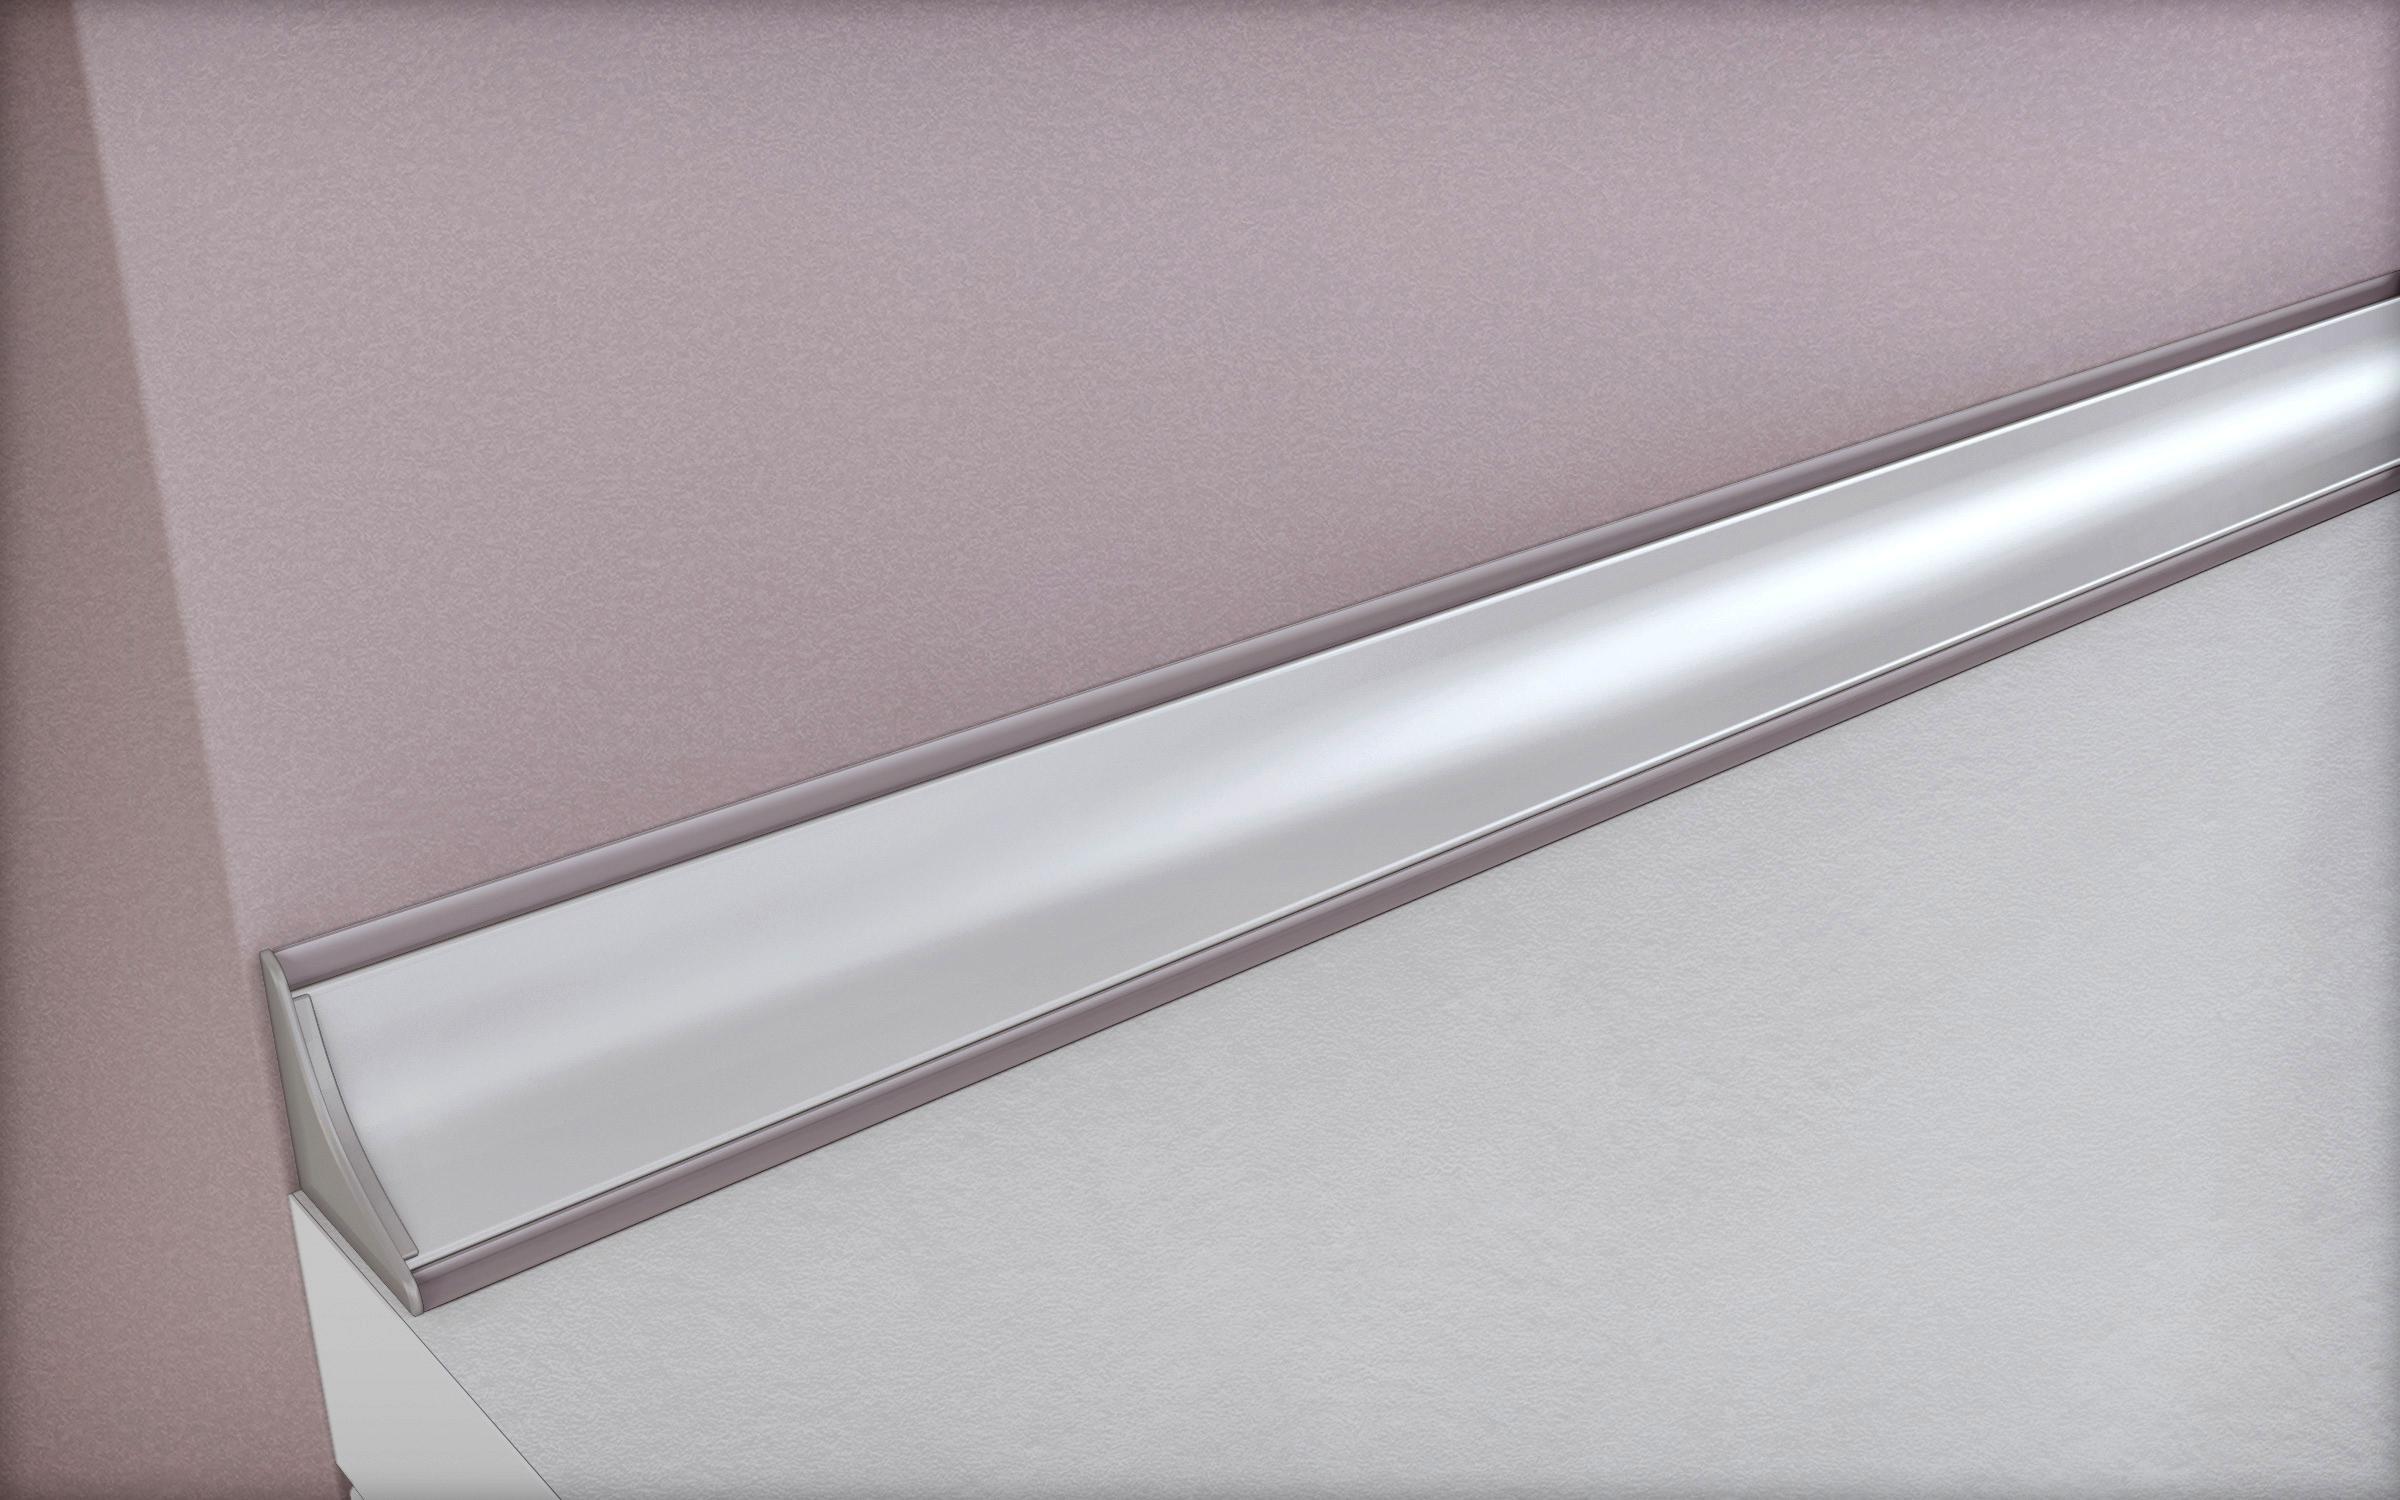 алюминиевый плинтус для столешницы идеи фото